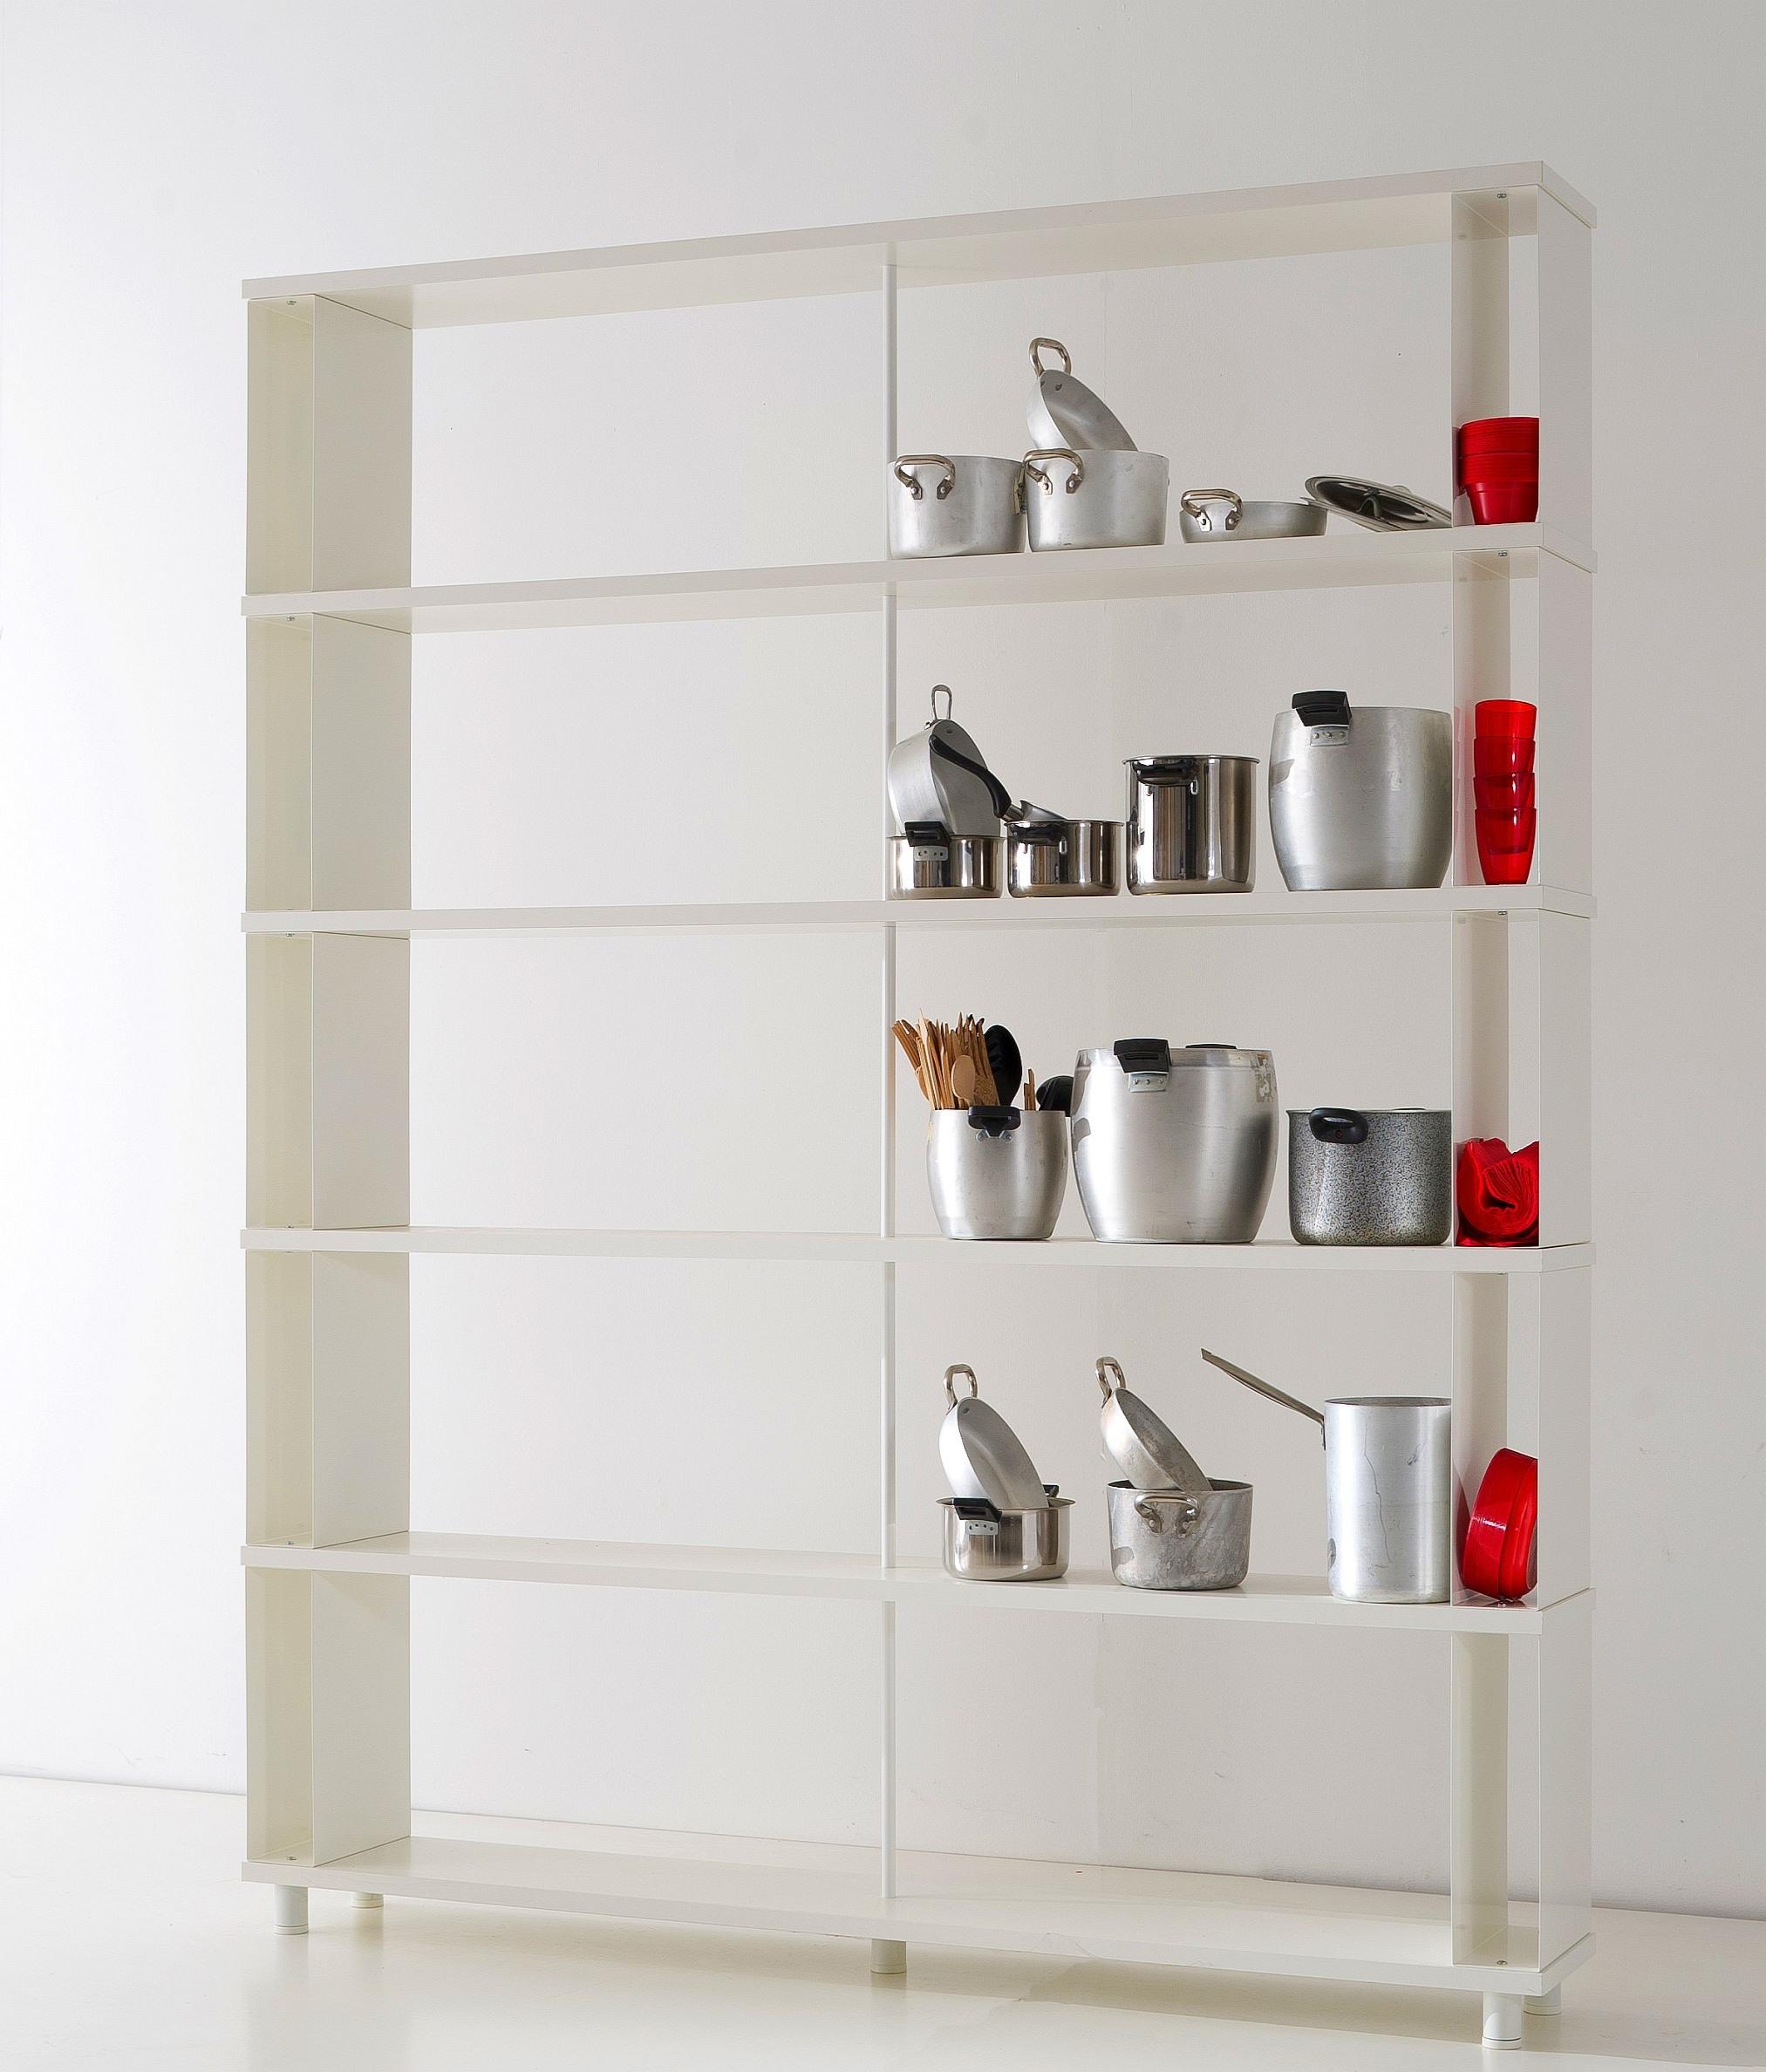 Libreria modulare componibile Skaffa acquista on line - Piarotto Mobili.